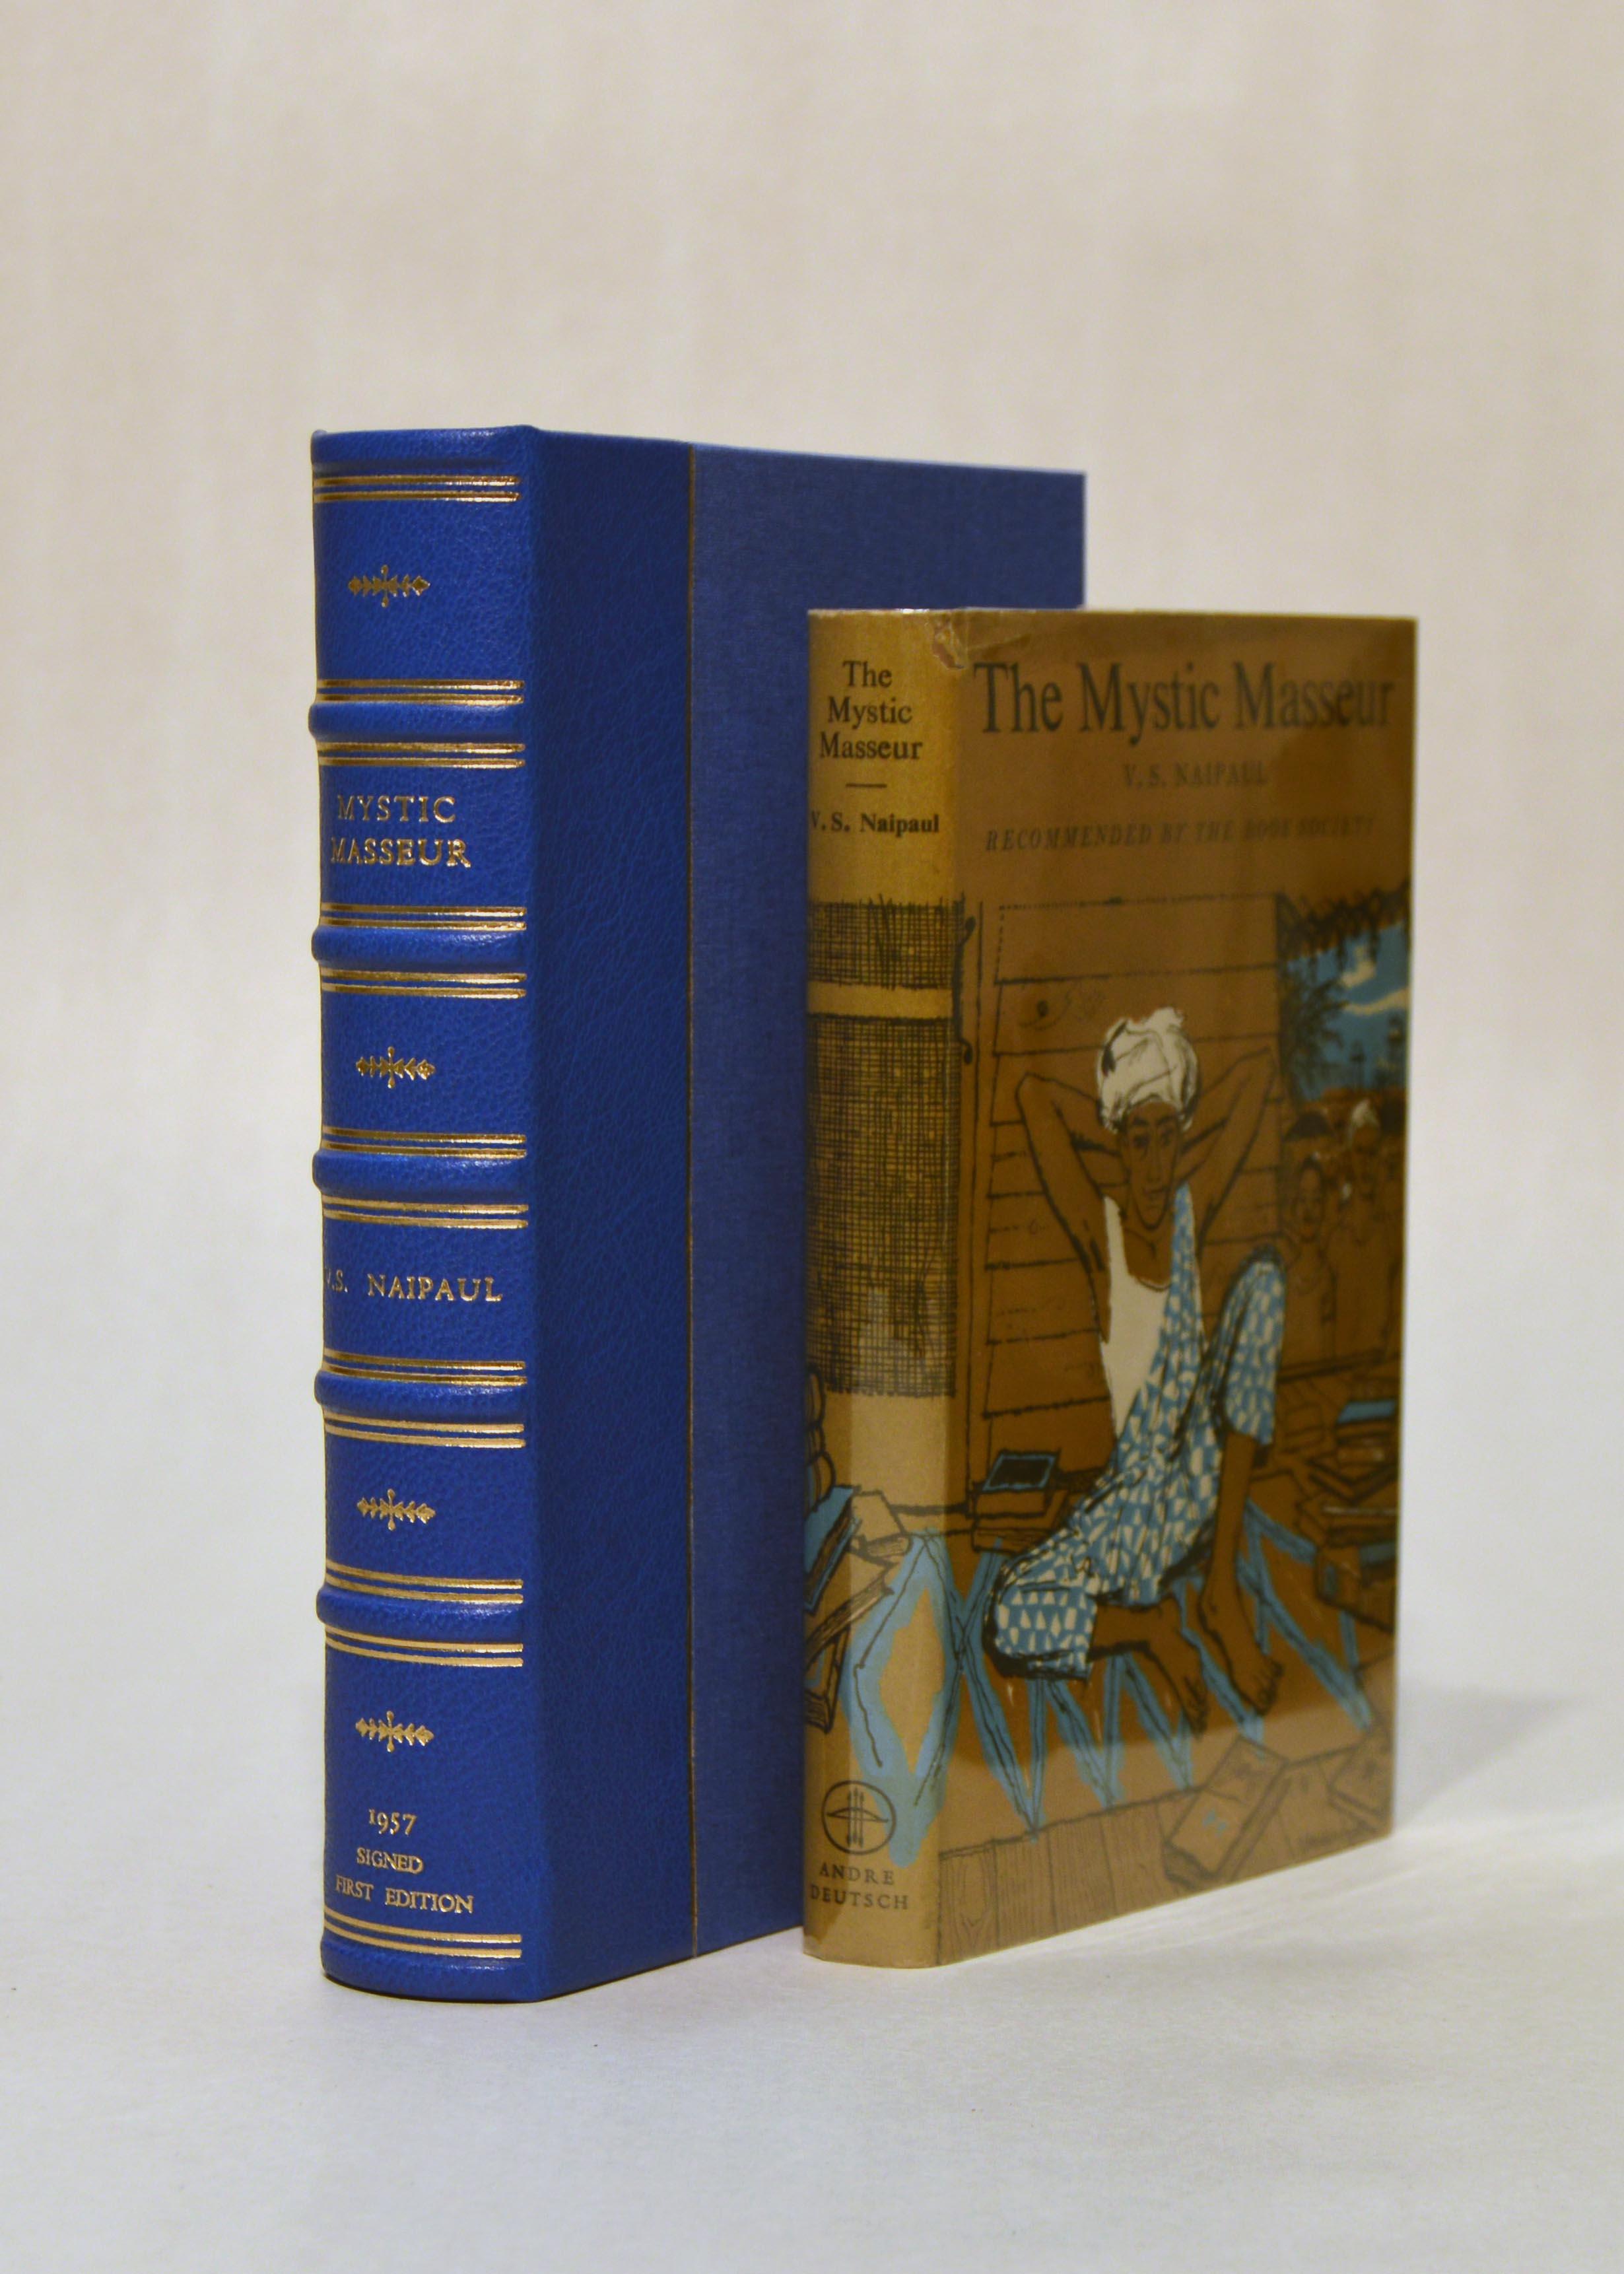 Rare Book Clamshell Box